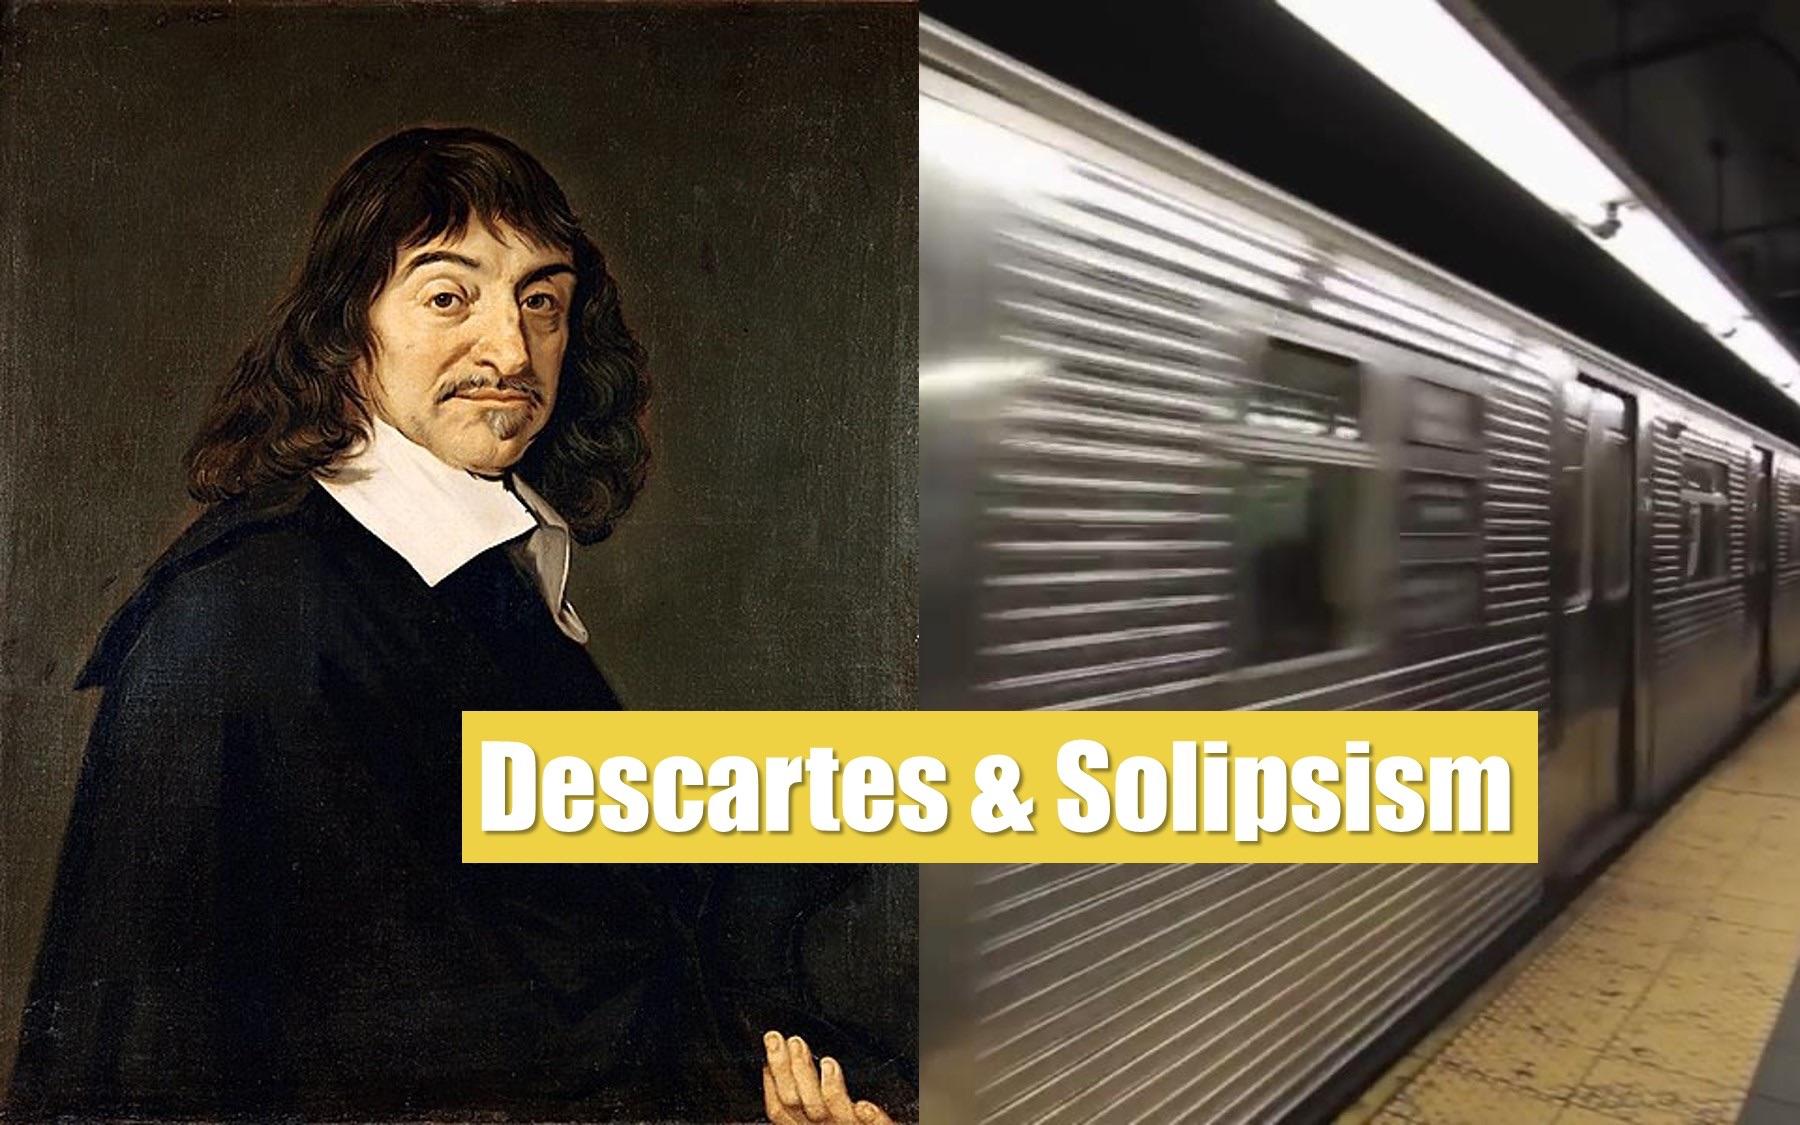 journal of things | 哲思事记 | 笛卡尔与唯我论:一切都是真实的吗?图片